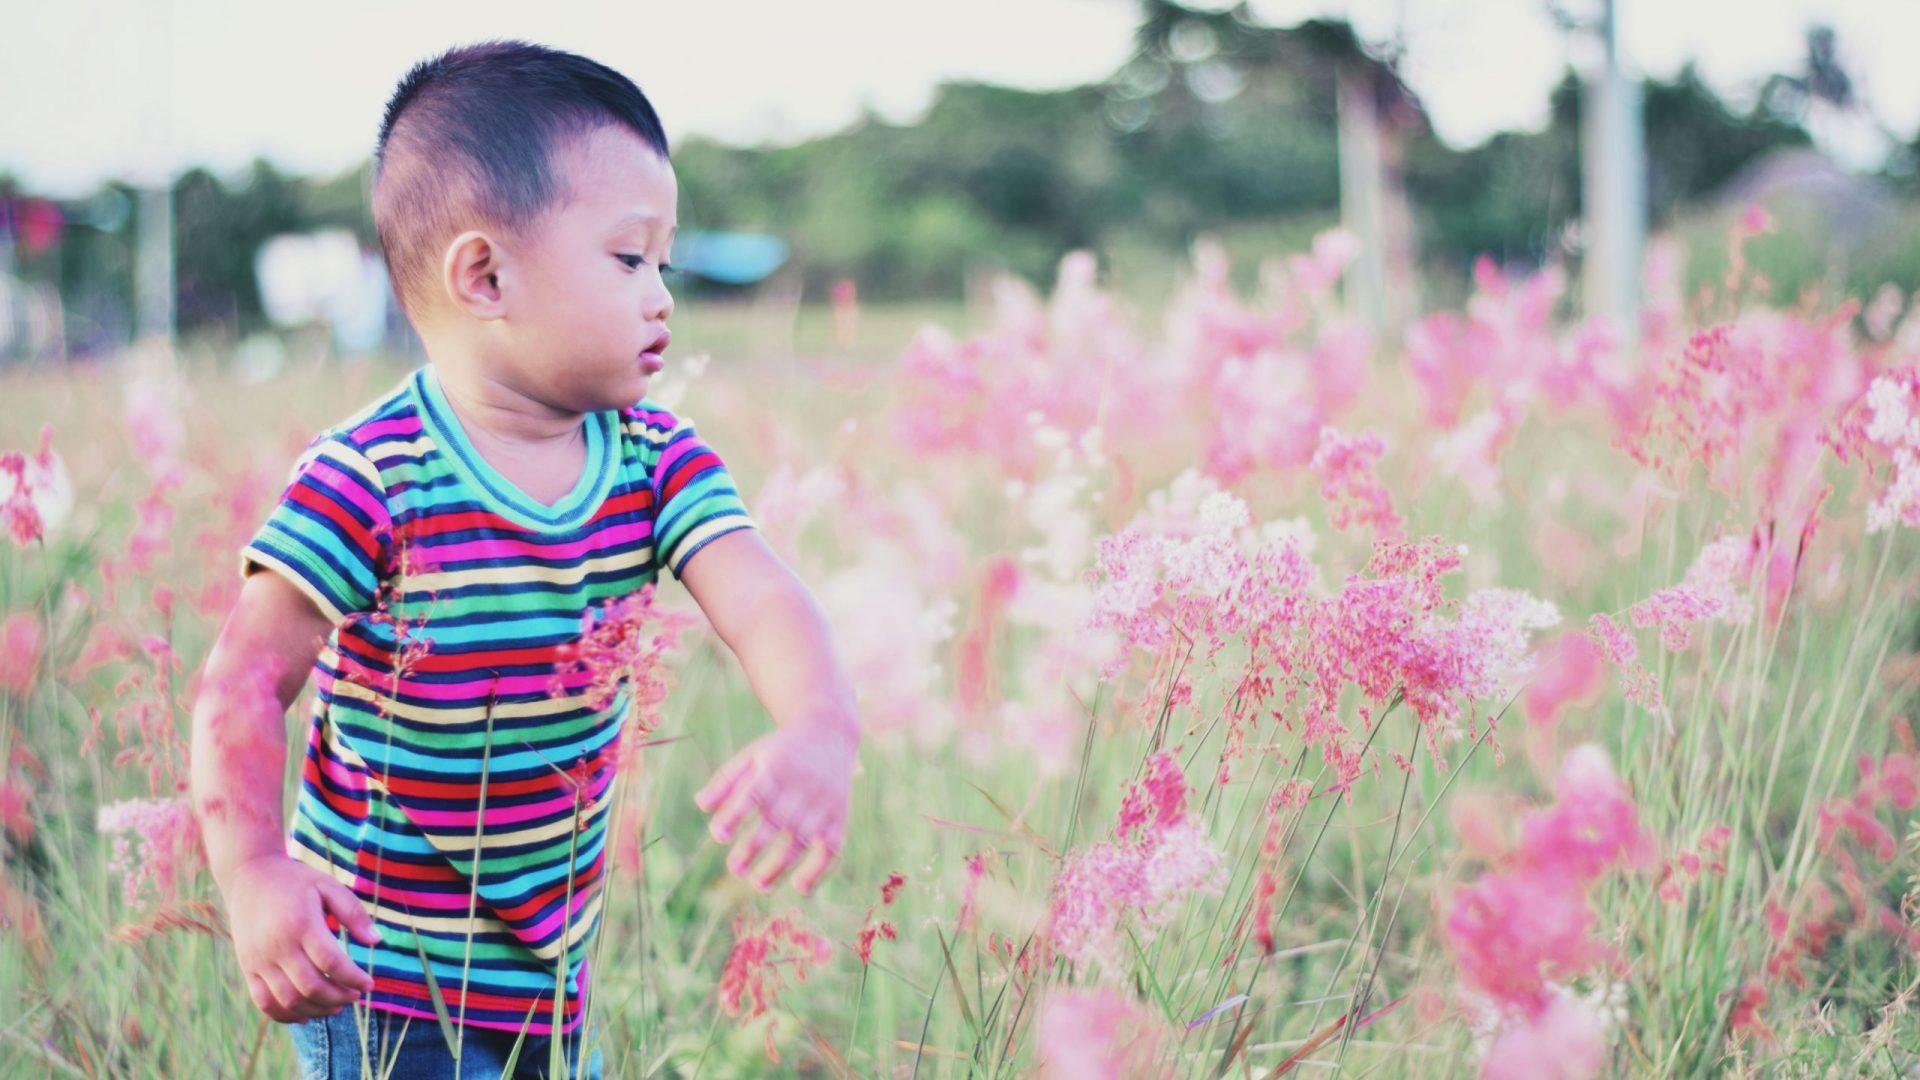 Little boy swatting flowers